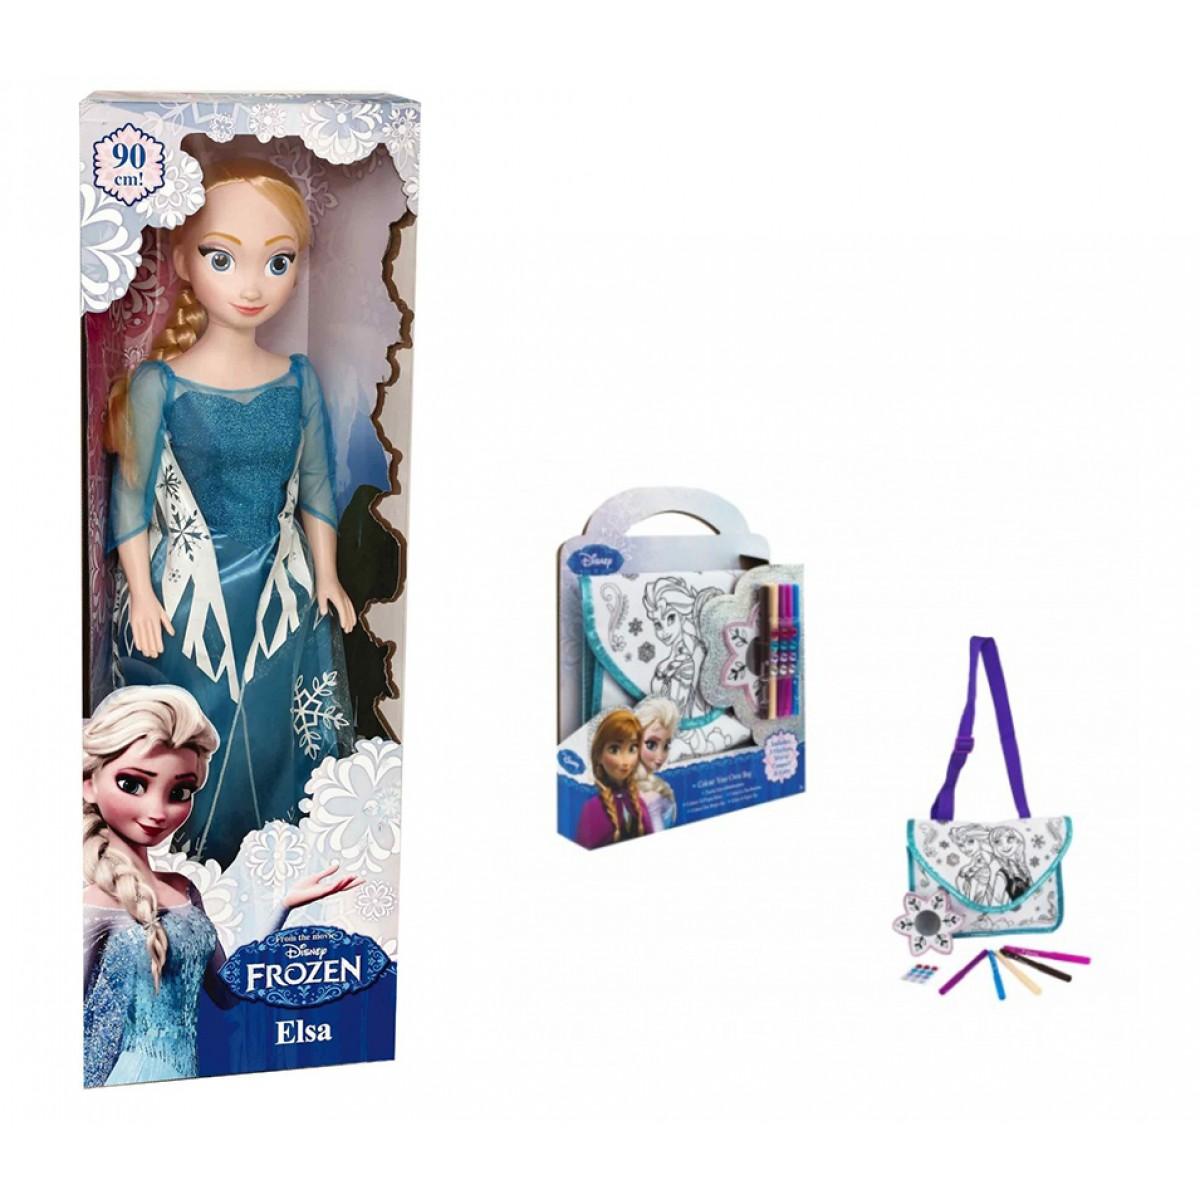 Novita 39 nuovo modello bambola elsa frozen gigante 90 cm - Uovo modello da stampare ...